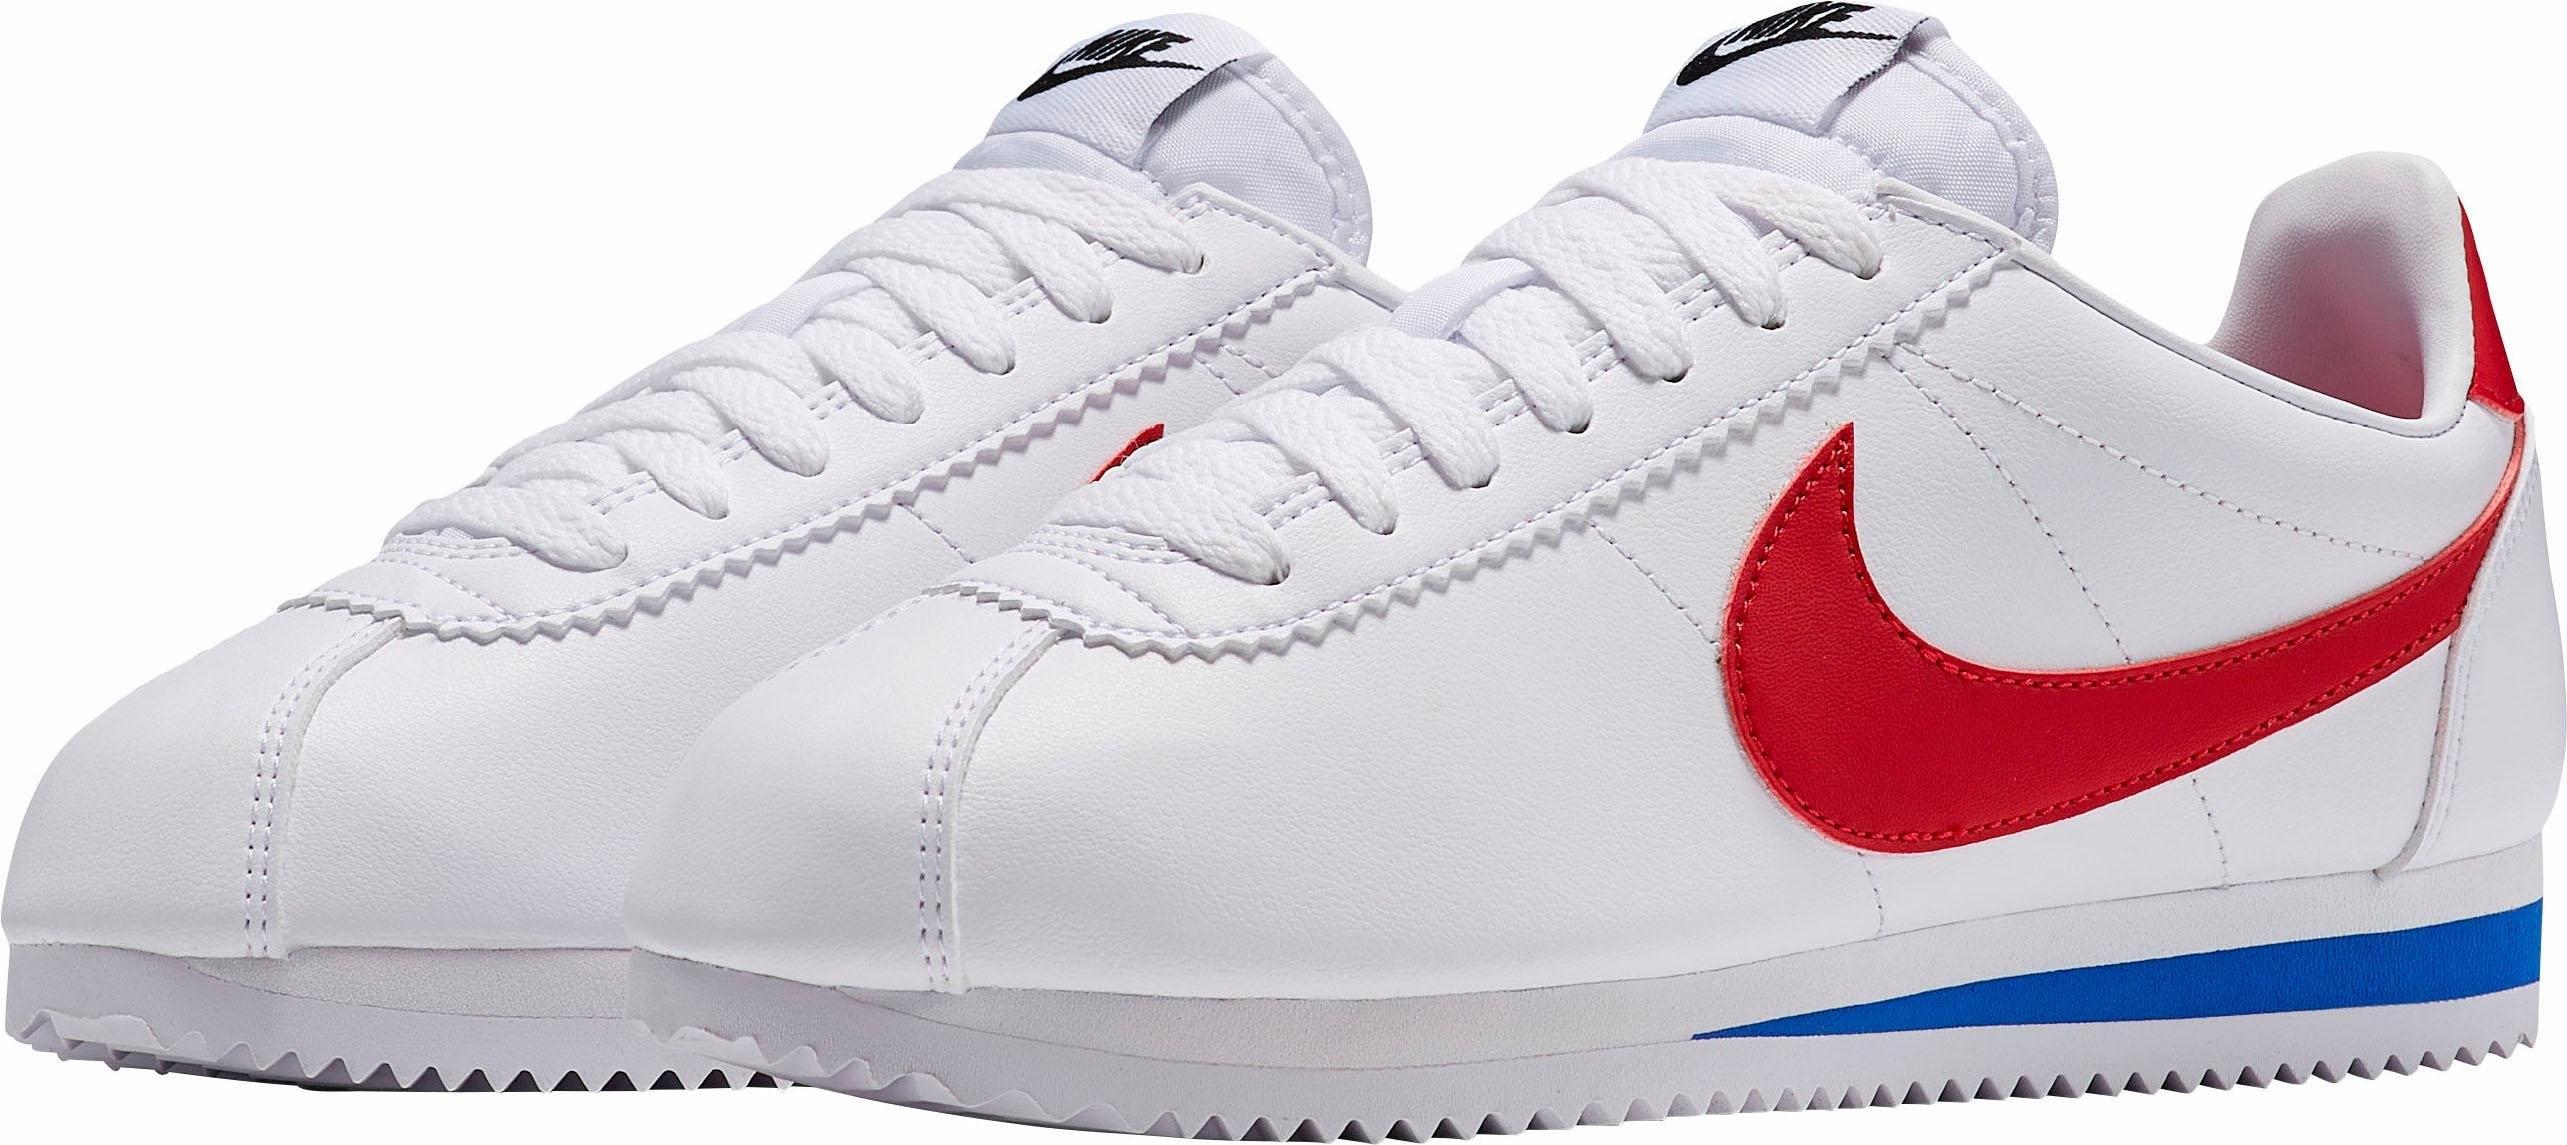 Nike Sportswear sneakers Wmns Classic Cortez Leather - gratis ruilen op otto.nl